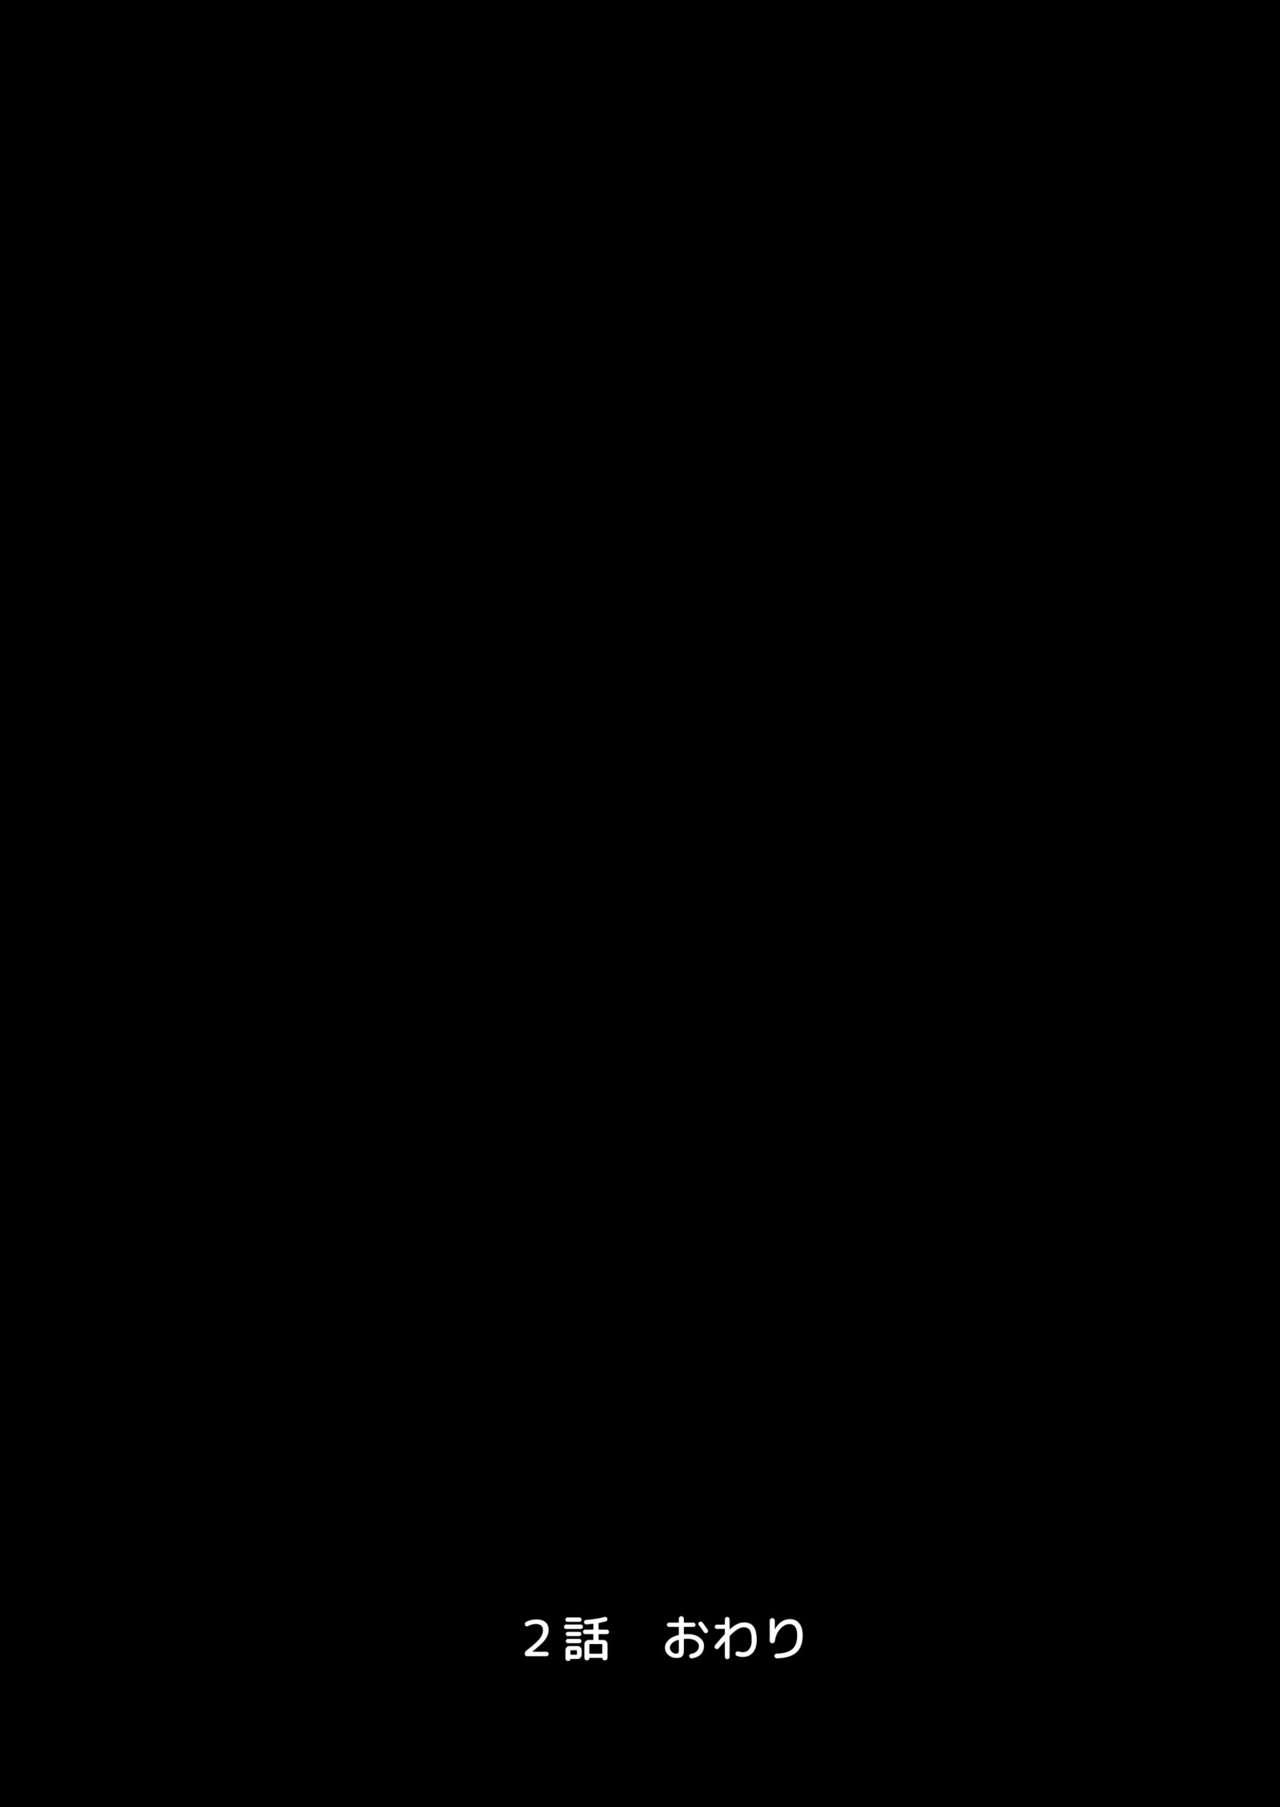 【エロ漫画】(3/7)船が遭難してたどり着いた無人島で男の子の一人にセックスを許してしまった黒髪ボブが可愛い巨乳JK…二人目の男の子にセックスがバレてなし崩しに無理やりセックス【トイレ籠:無人島JK!ちょろいよ吉村さん!第2話〜野外で寝取り編〜】